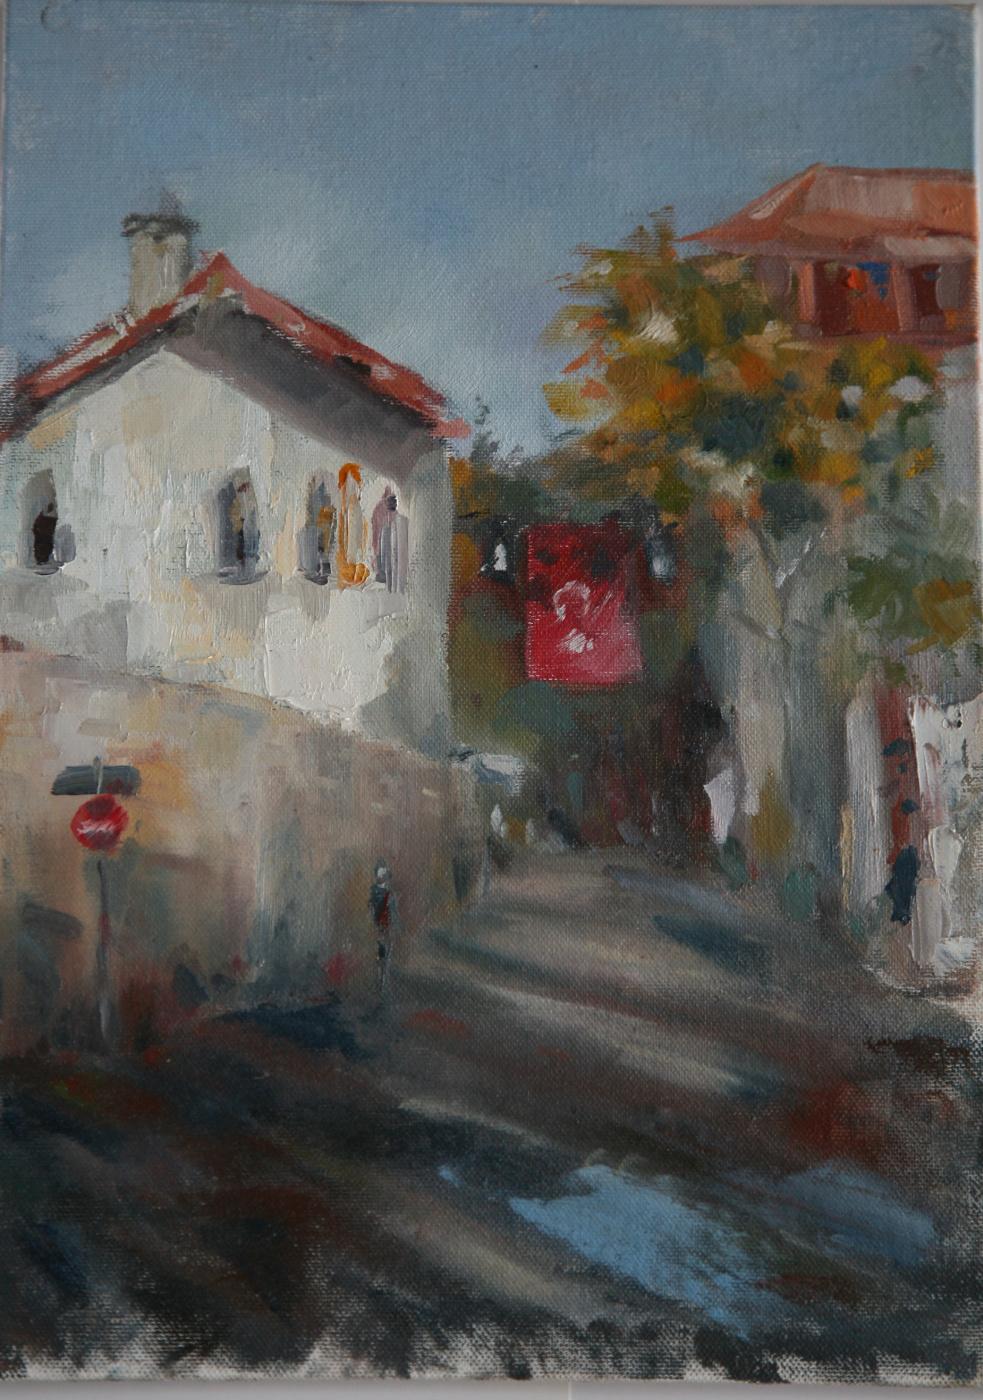 Redrick Shewhart. Street